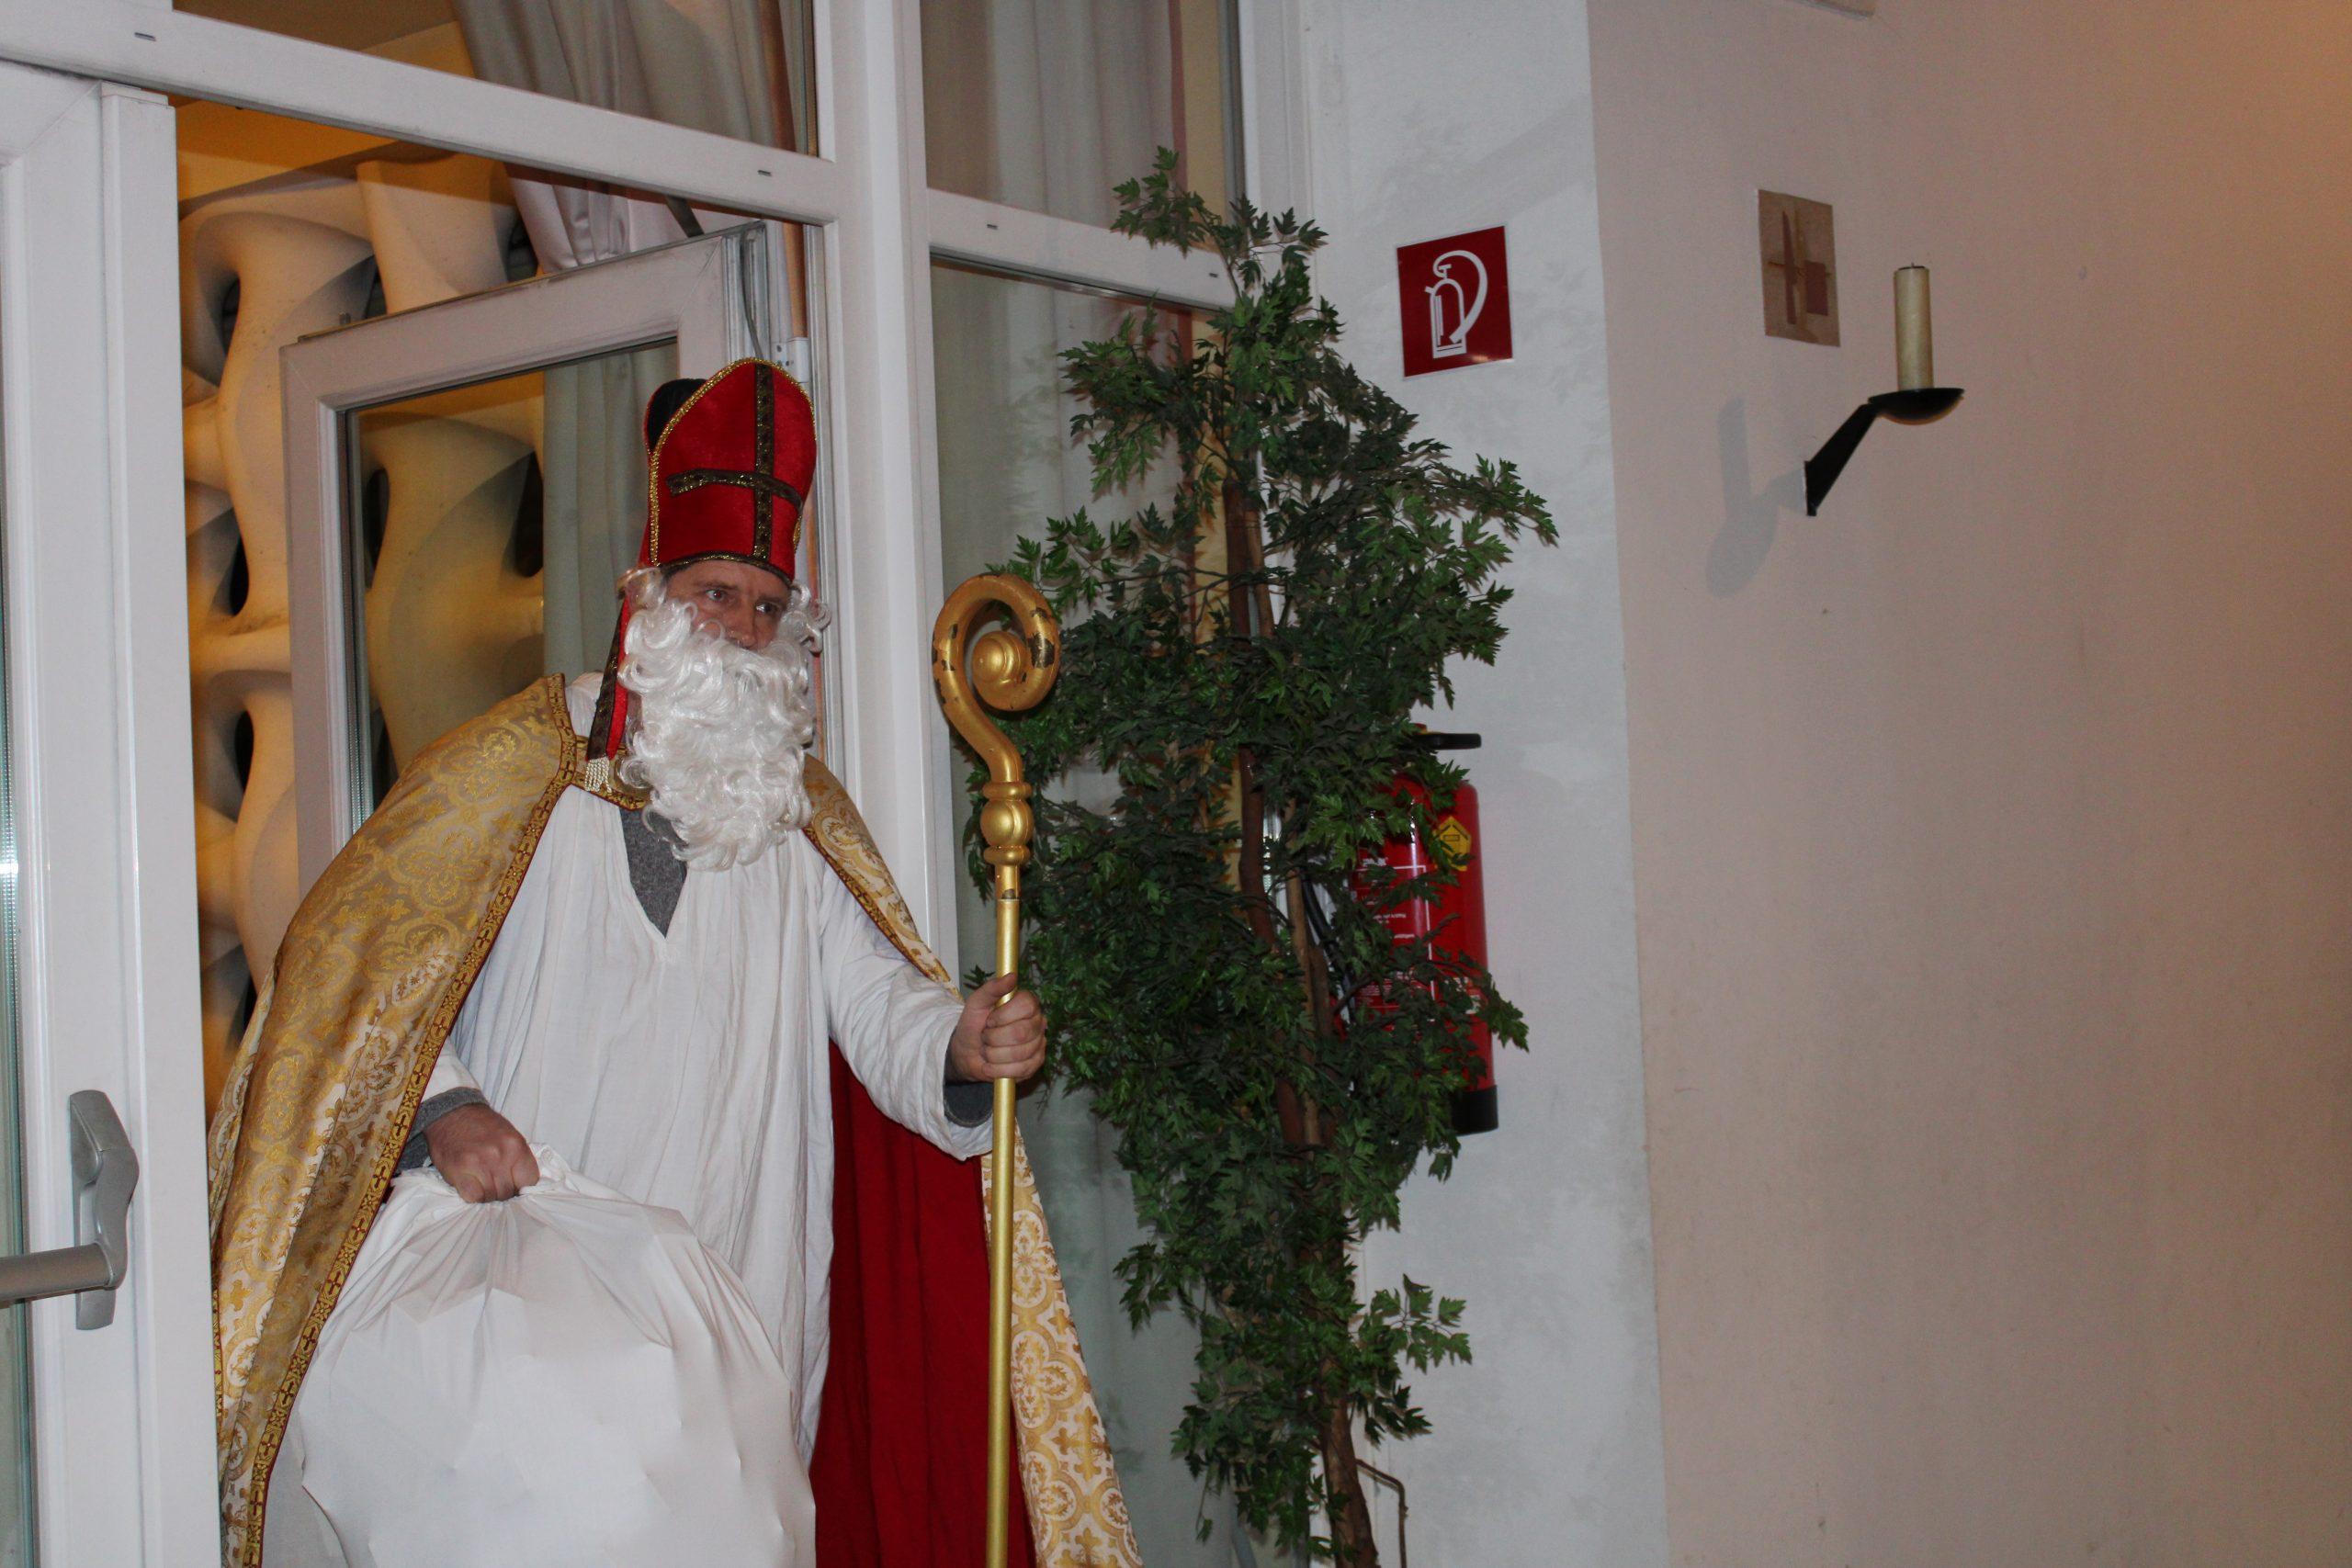 Der Hl. Nikolaus brachte große Freude!